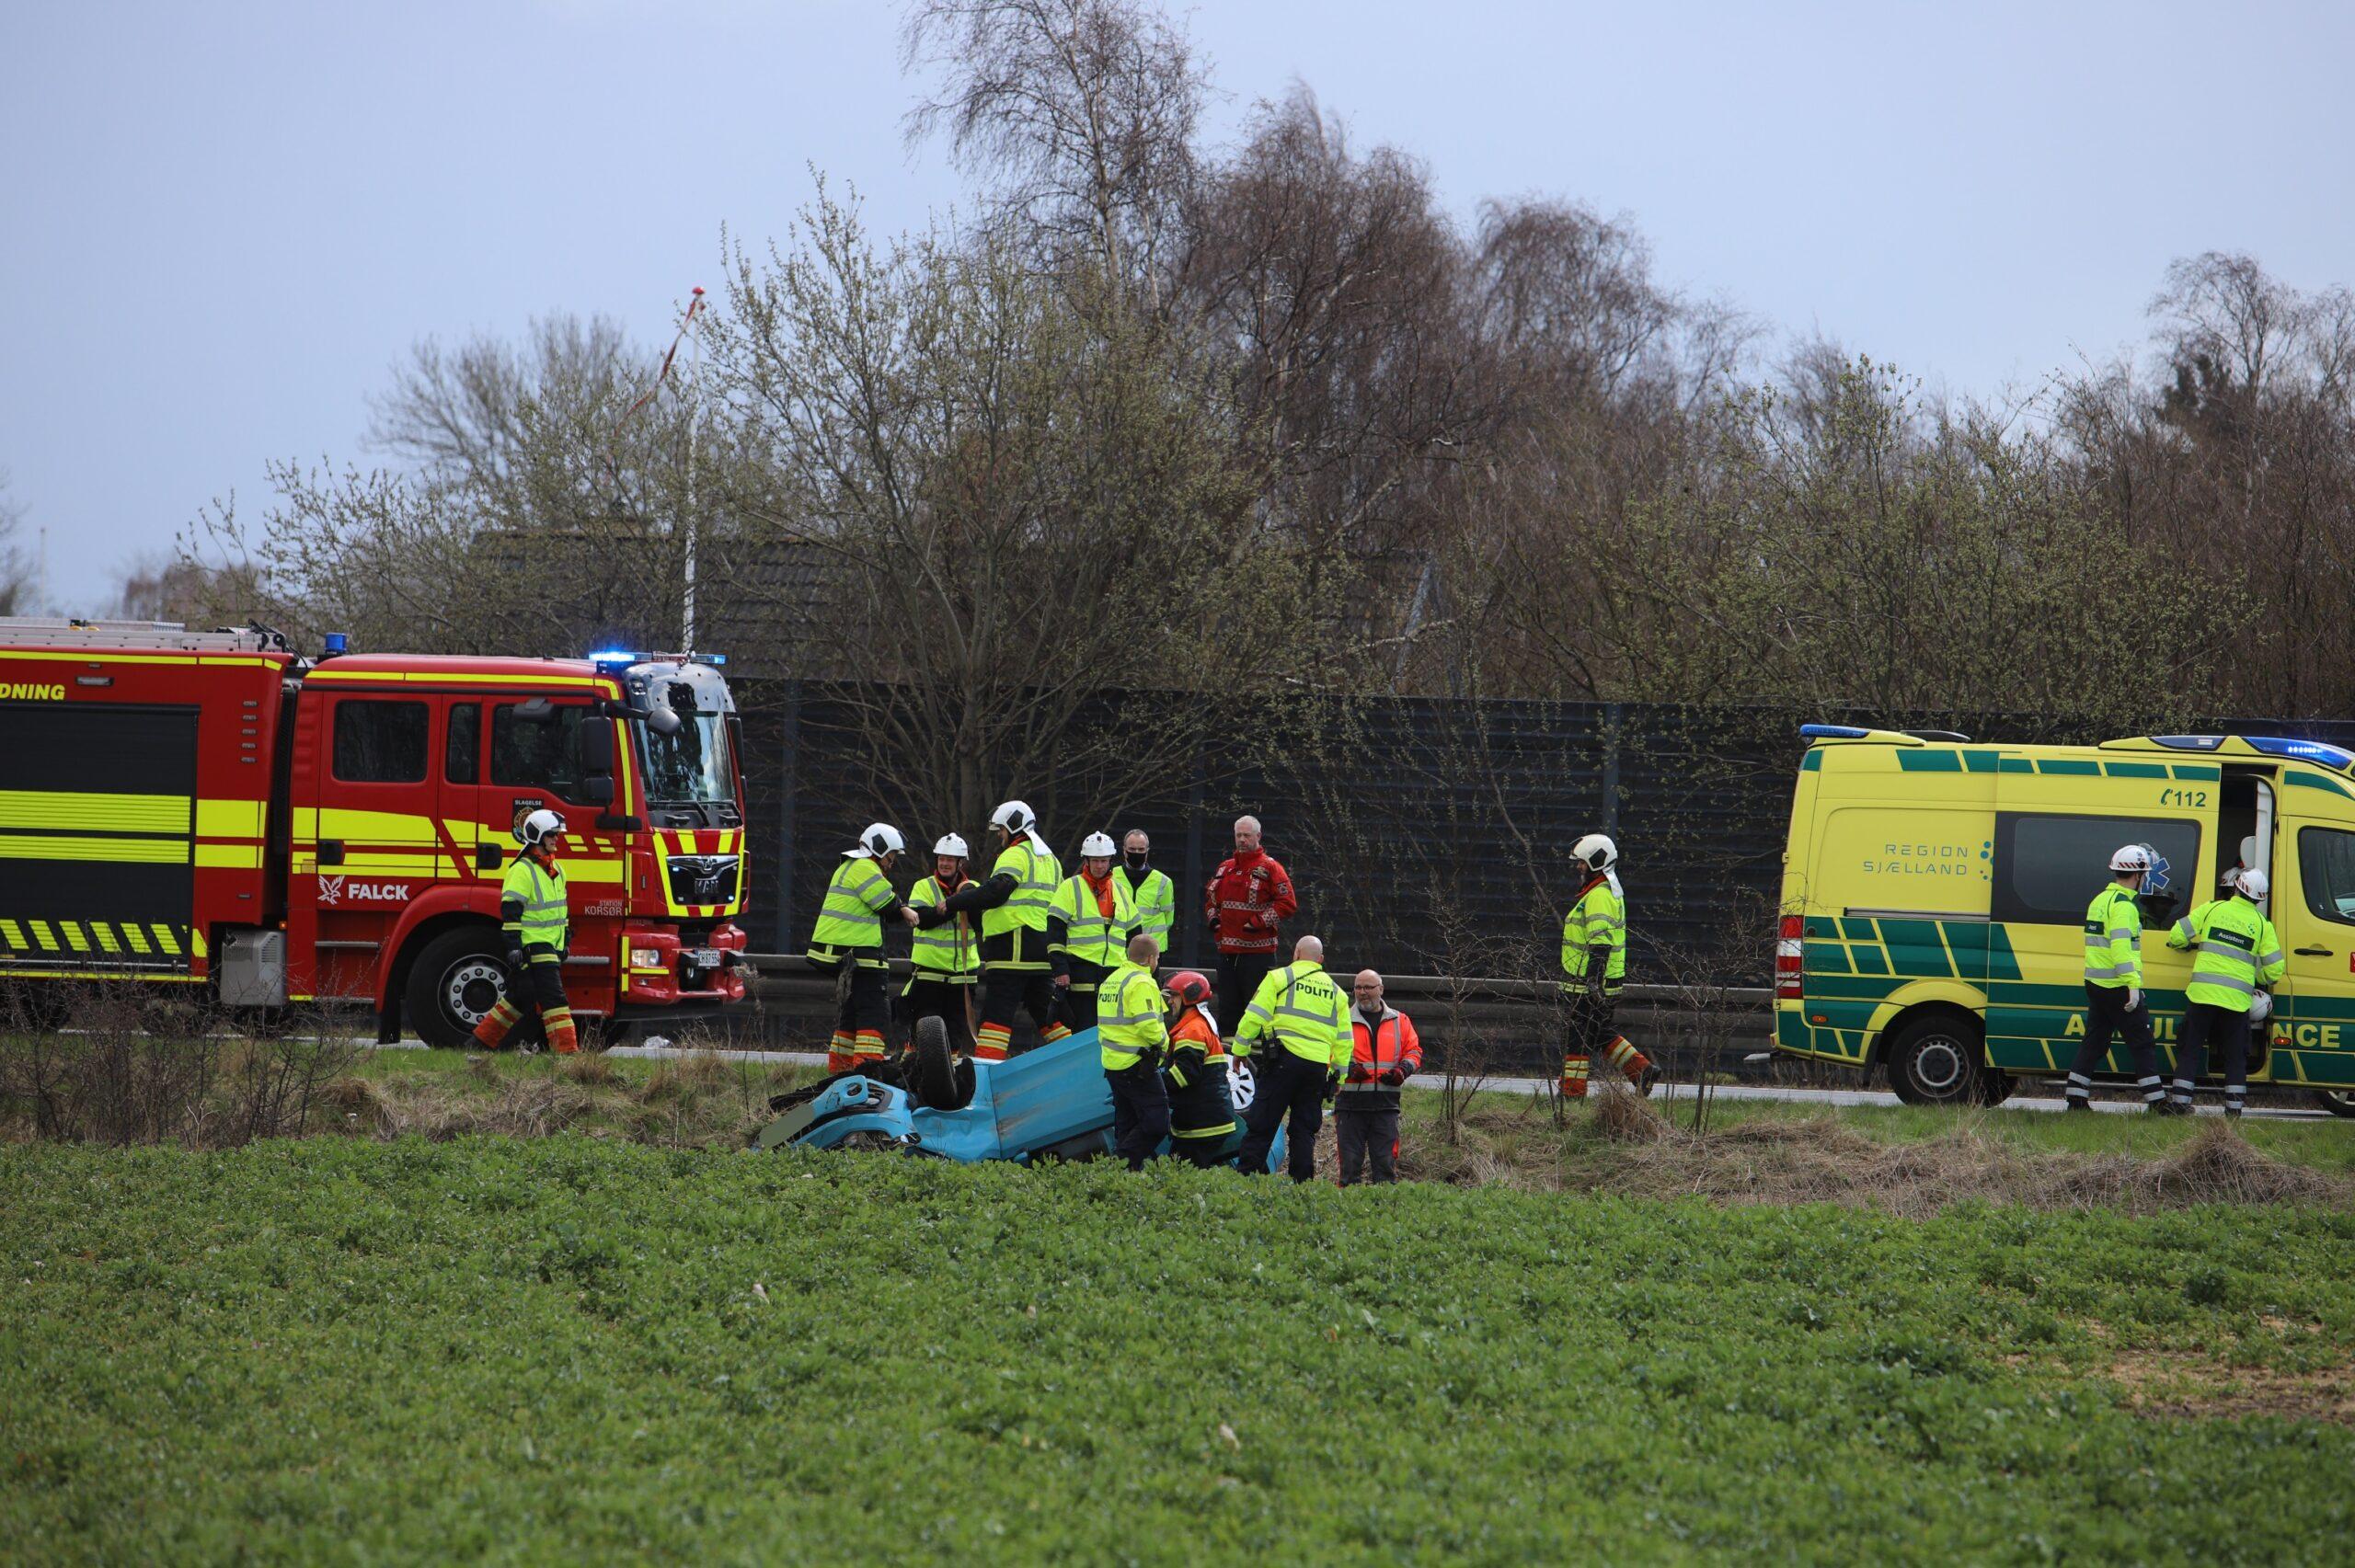 Voldsomt færdselsuheld på motorvej E20 ved Vemmelev